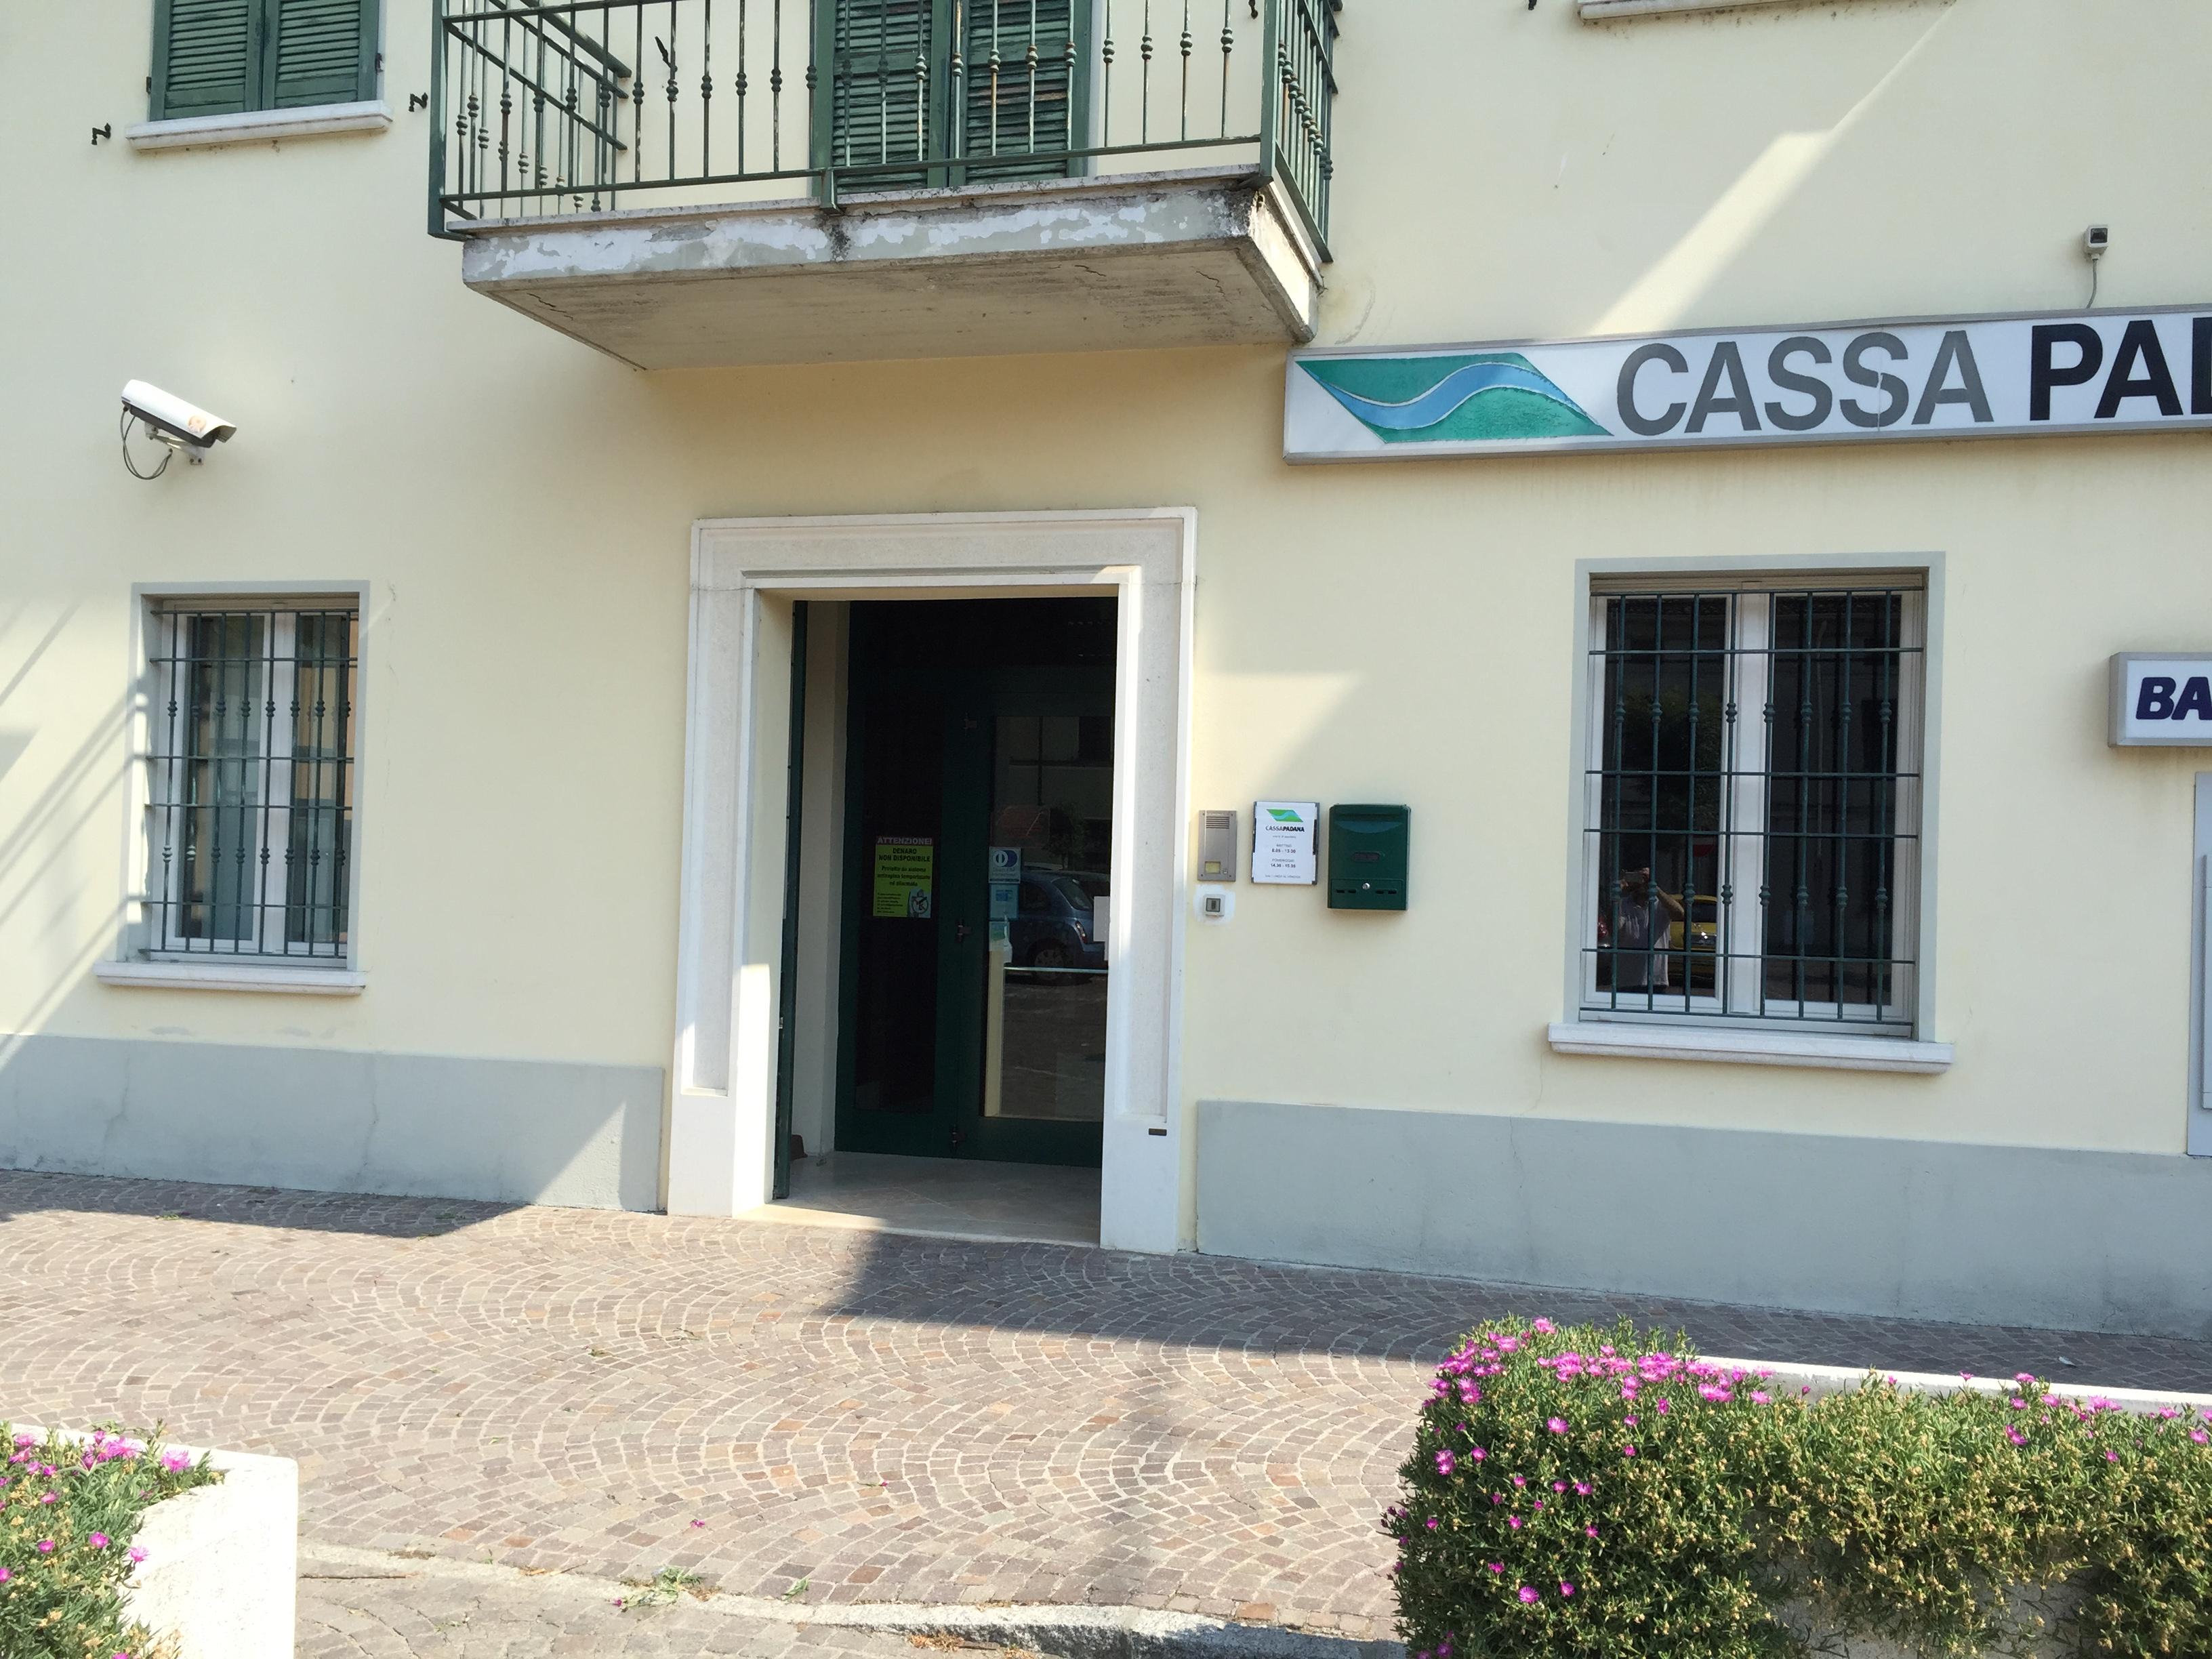 Sostituzione serramenti in pvc , filiale Cassa Padana di Martignana Pò , Cremona.